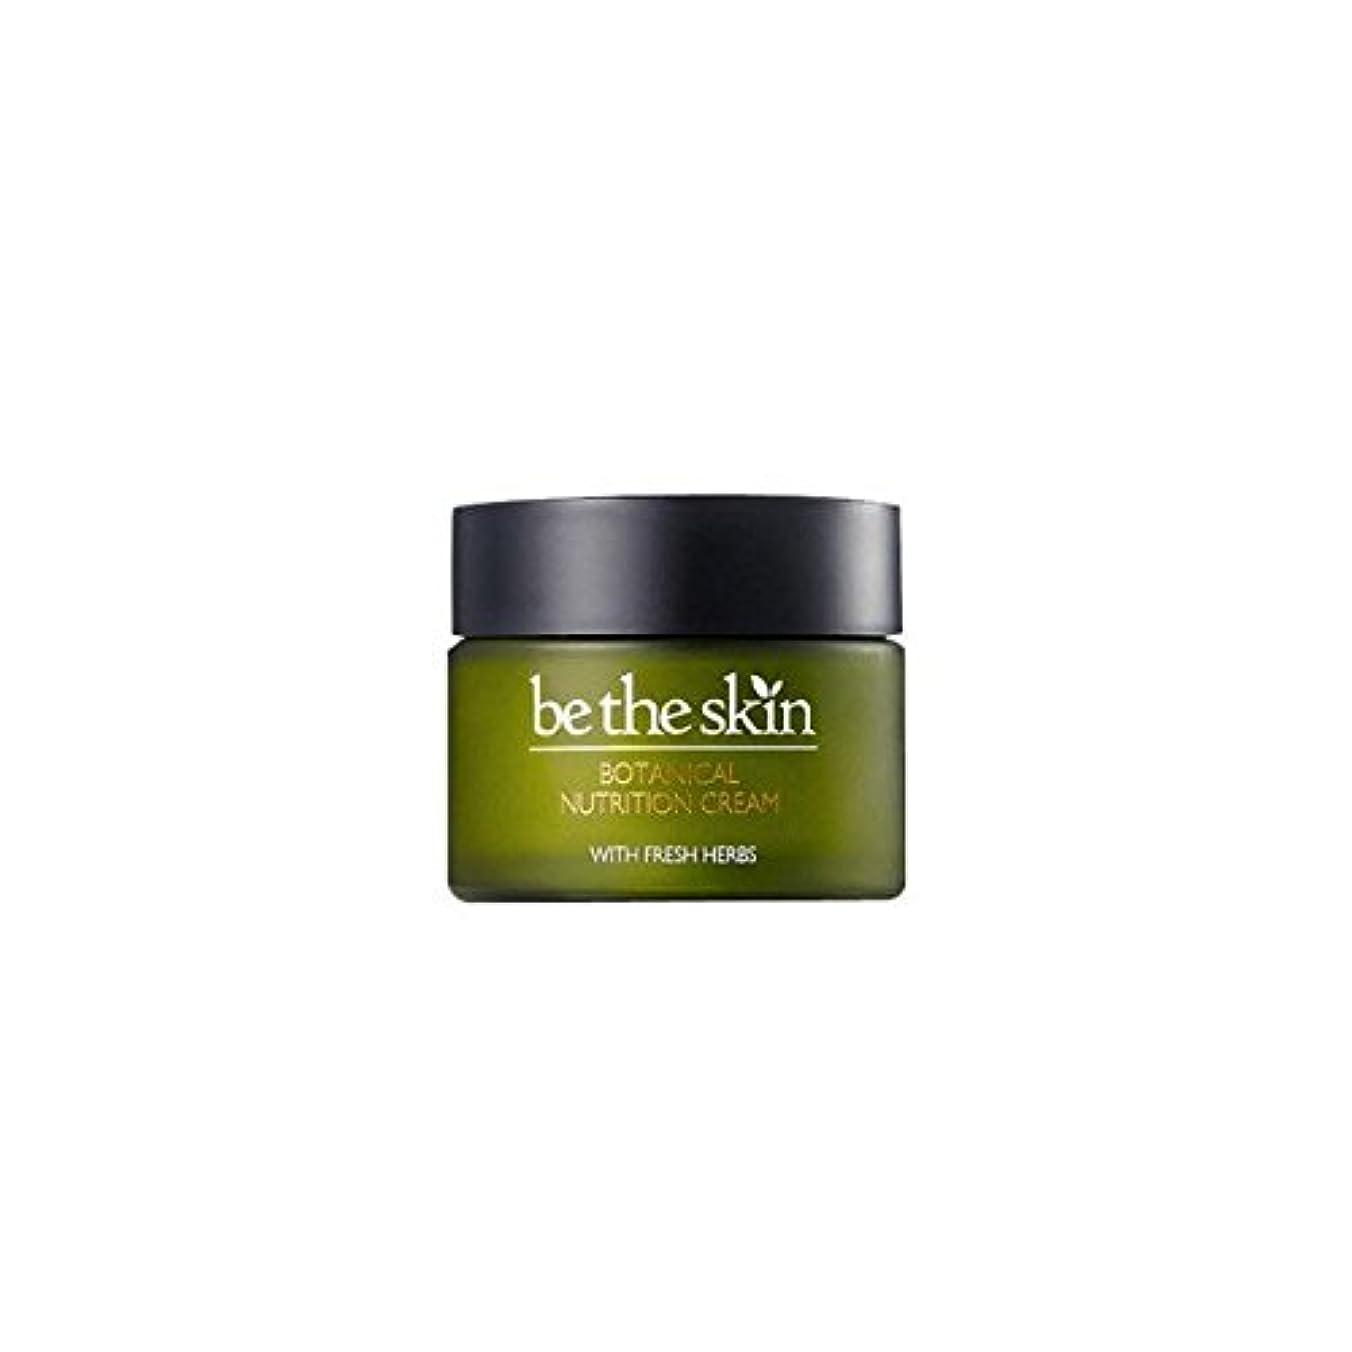 凝縮するリボンアパートBe the skin(ビーザスキン) ボタニカル ニュートリション クリーム/ Be The Skin Botanical Nutrition Cream [並行輸入品]